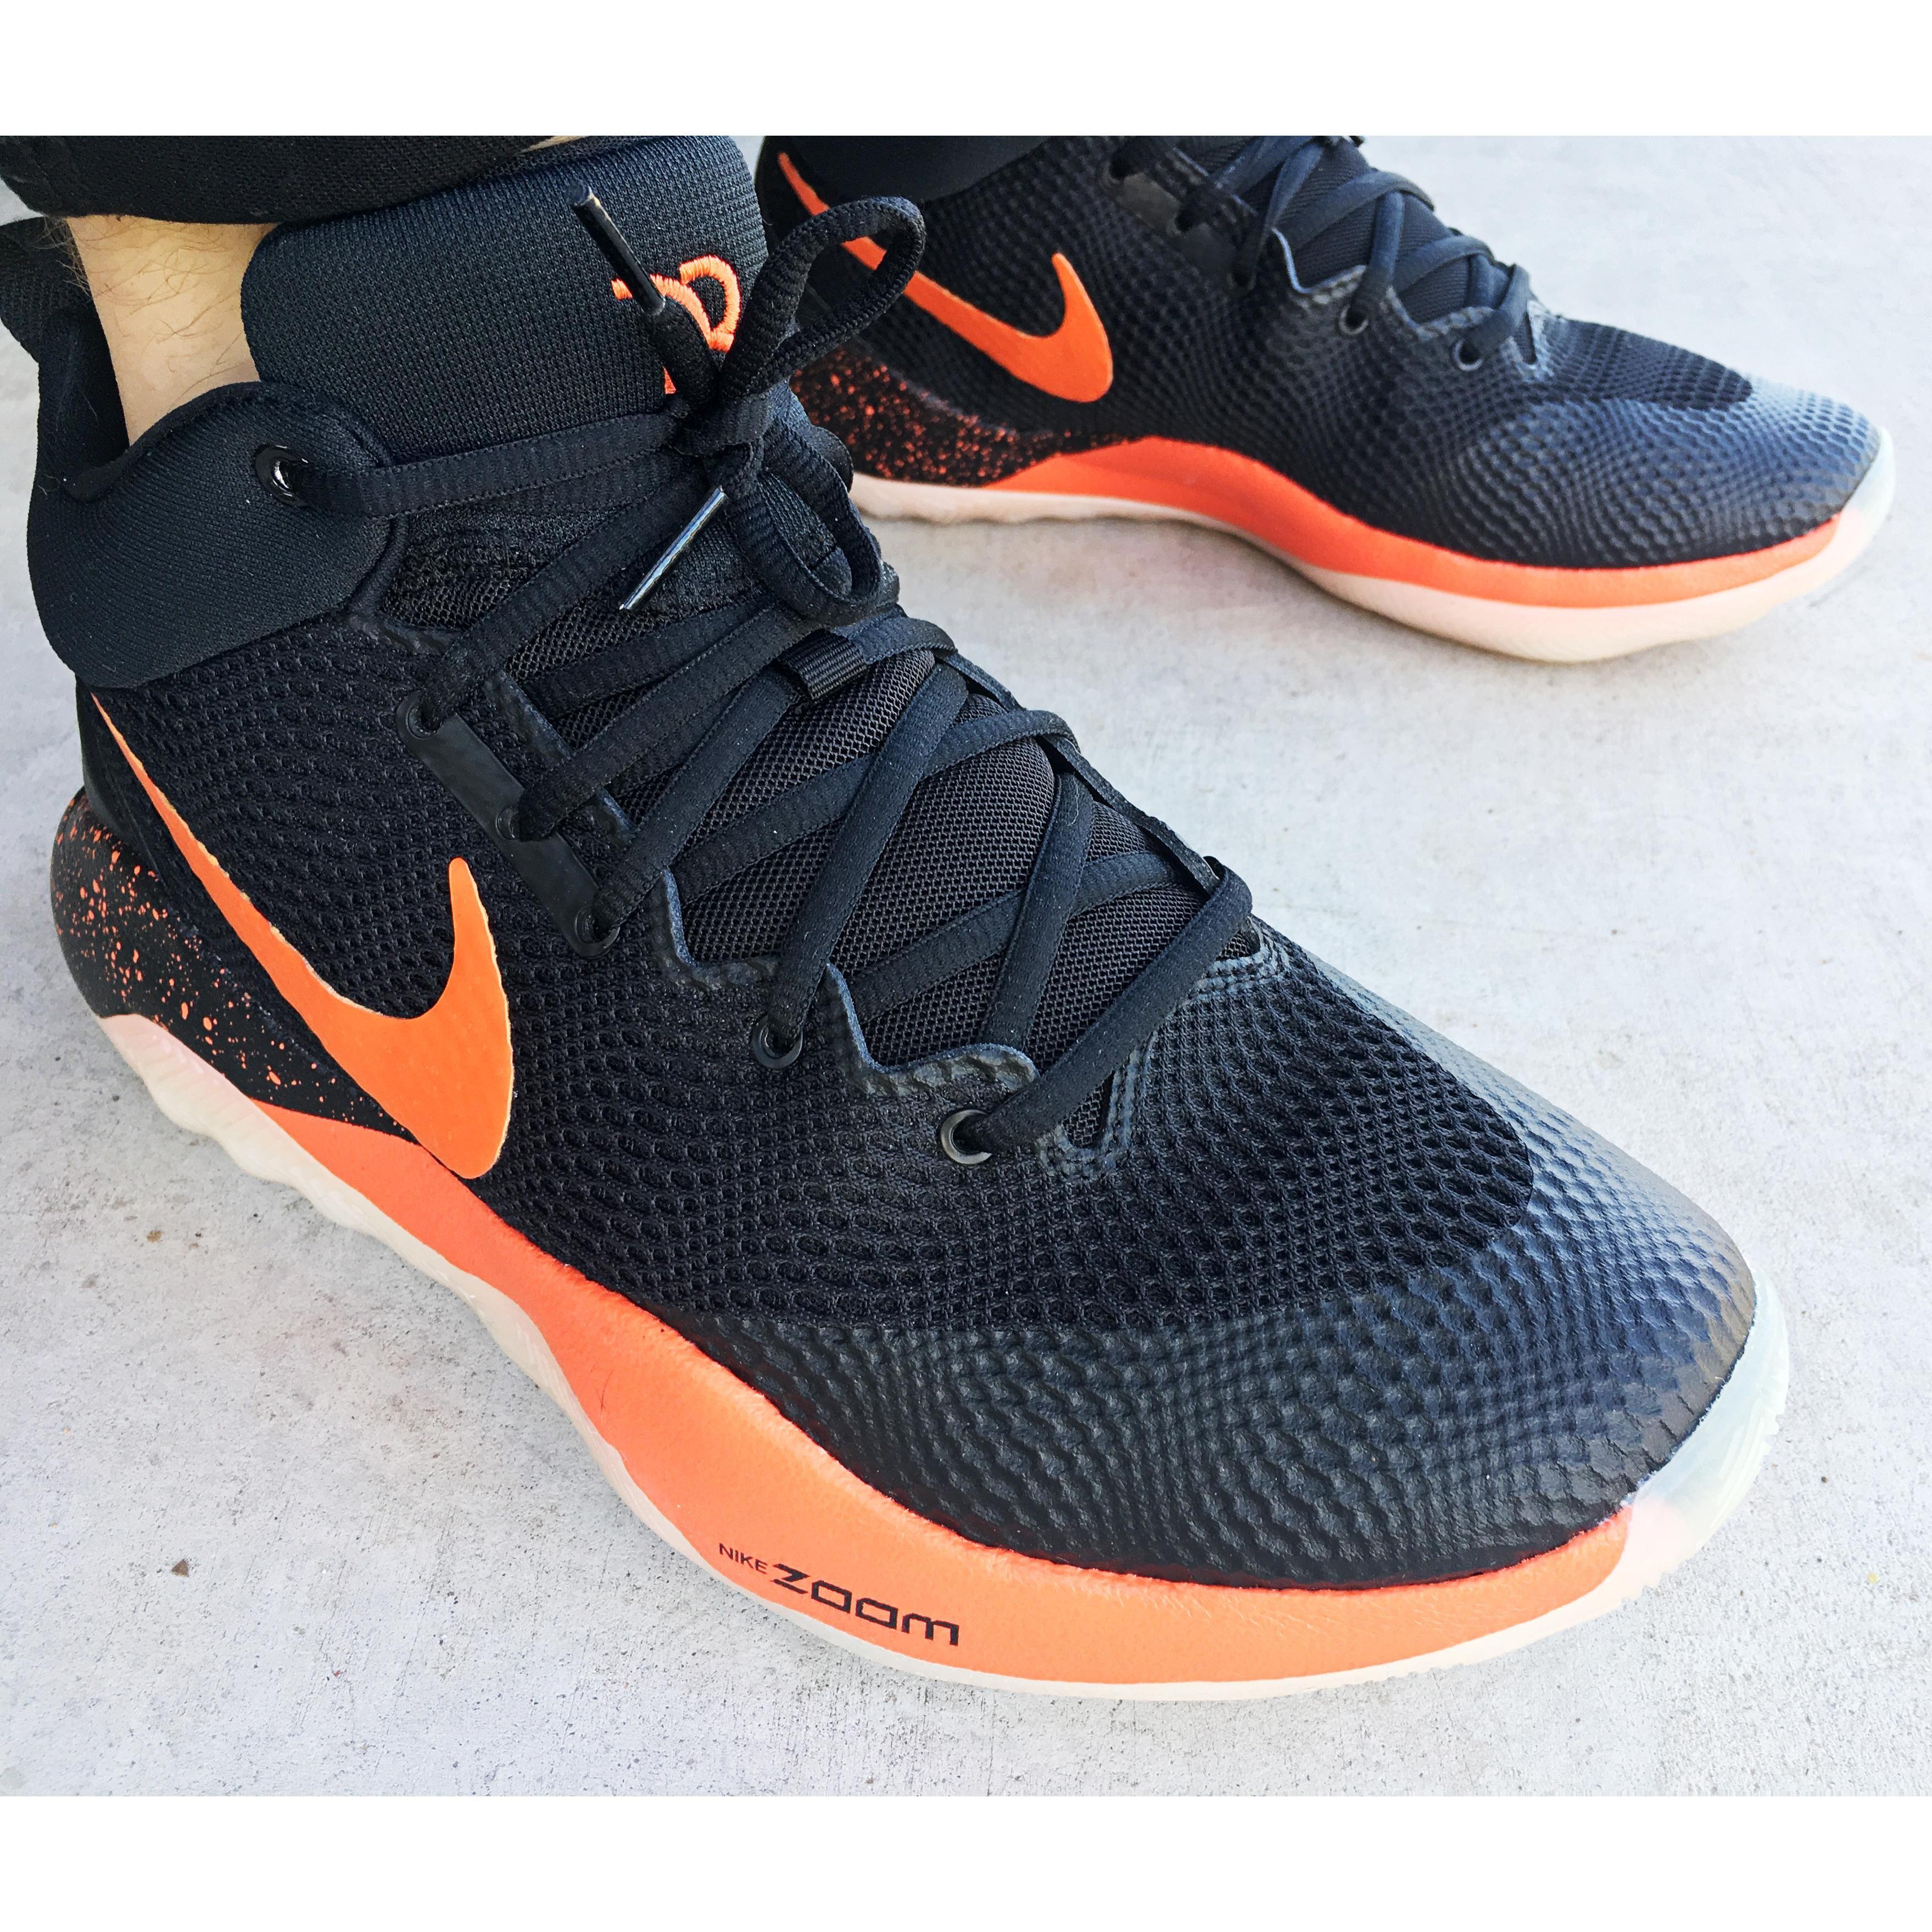 a9b7f14fc5e1 LPU  Nike Zoom Rev Devin Booker PE